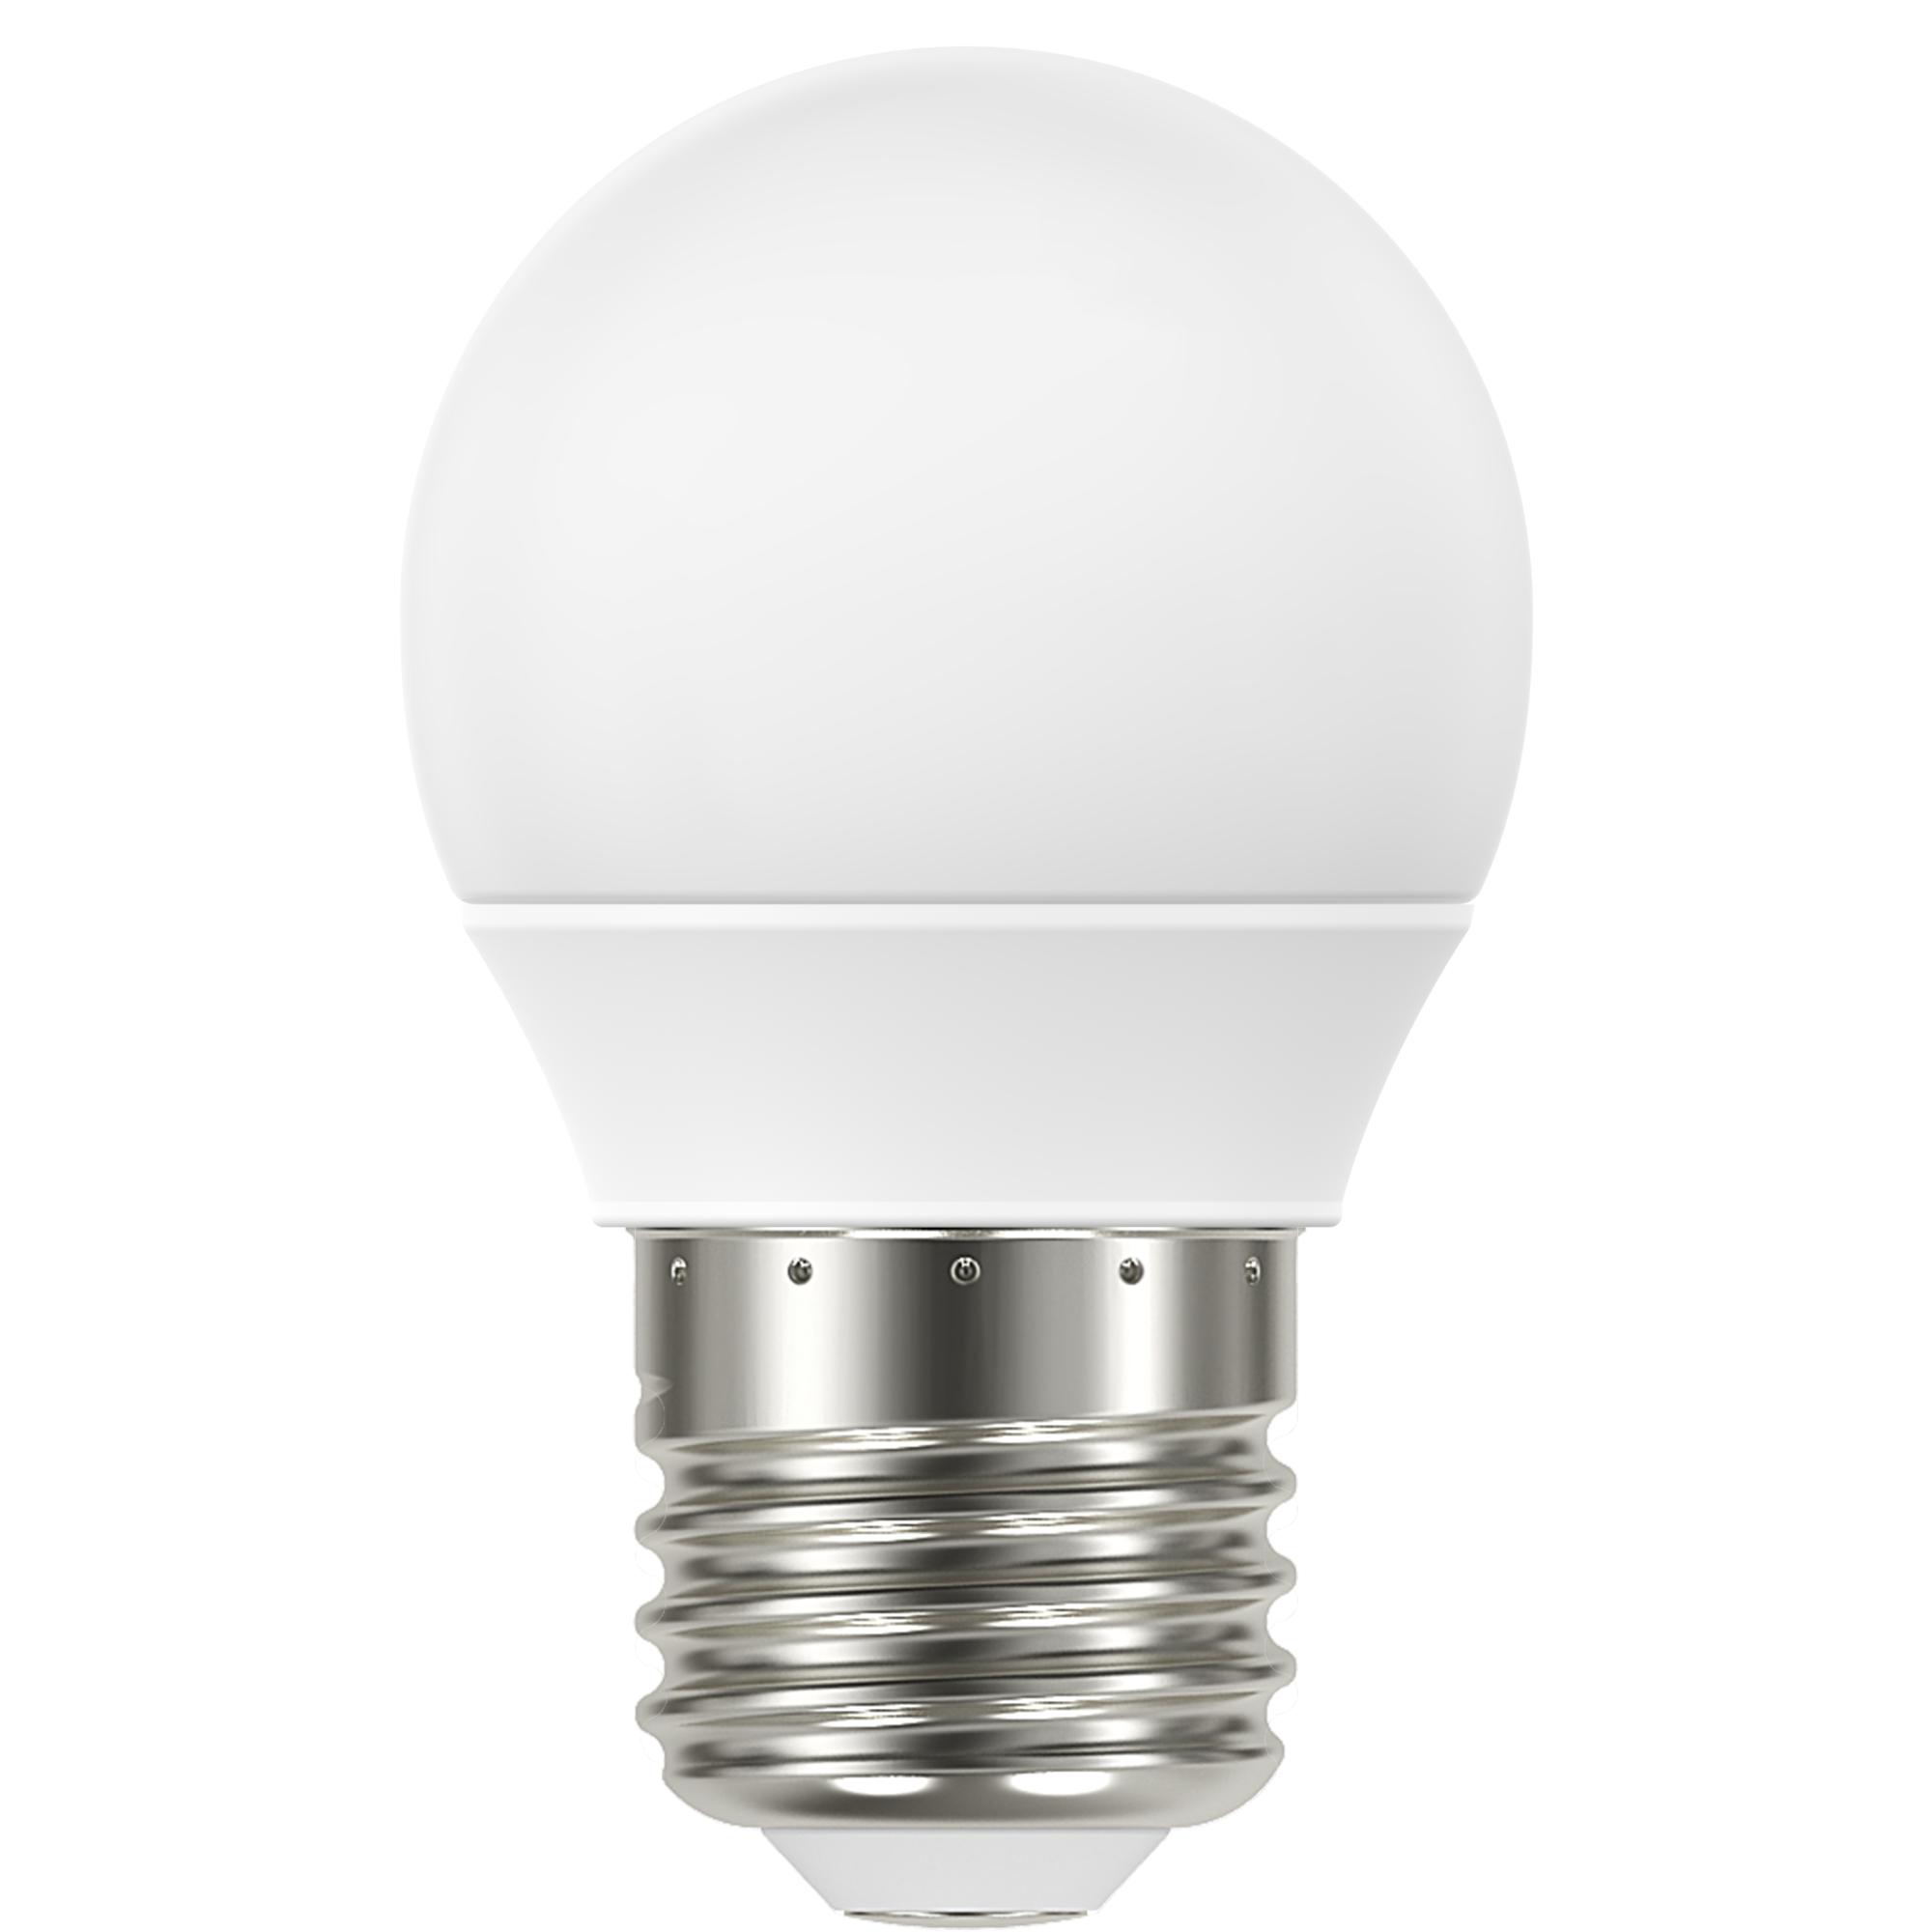 Лампа светодиодная Lexman E27 220 В 4.8 Вт сфера матовая 470 лм белый свет